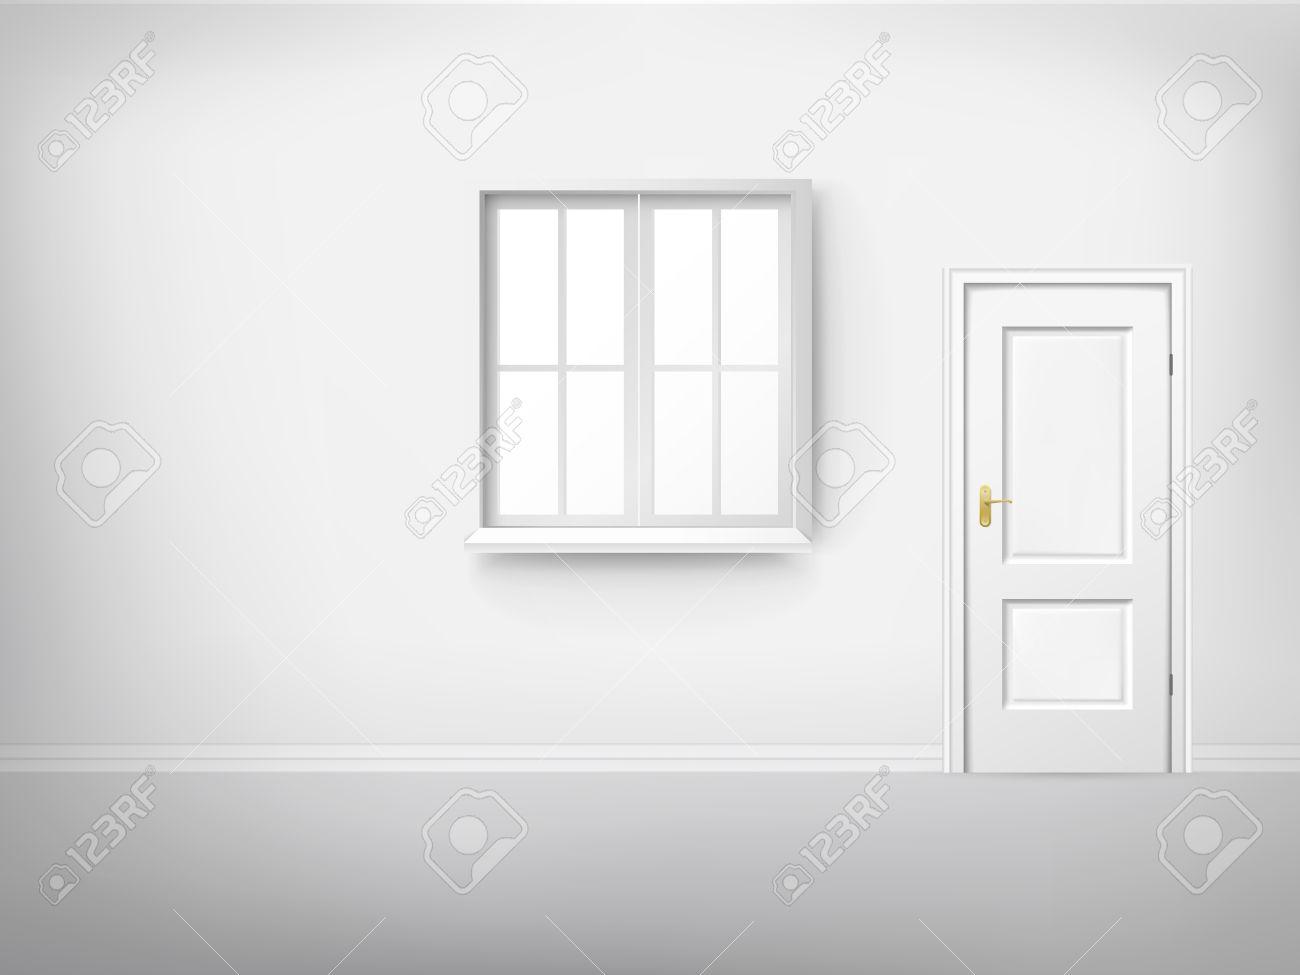 3d empty room with window and door - 32699804